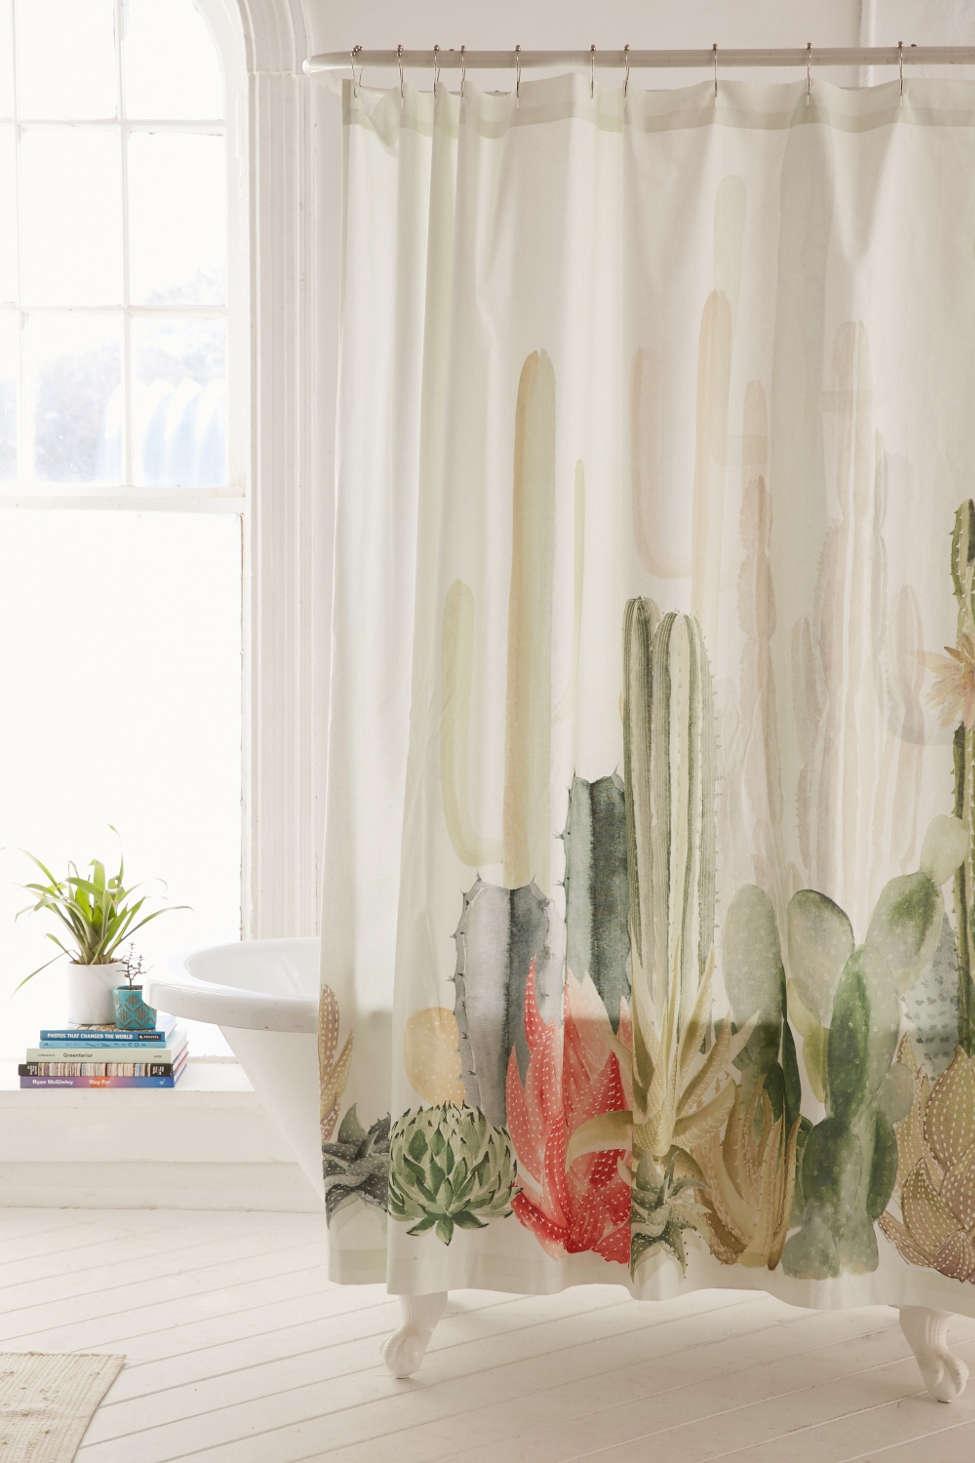 Slide View: 1: Cactus Landscape Shower Curtain